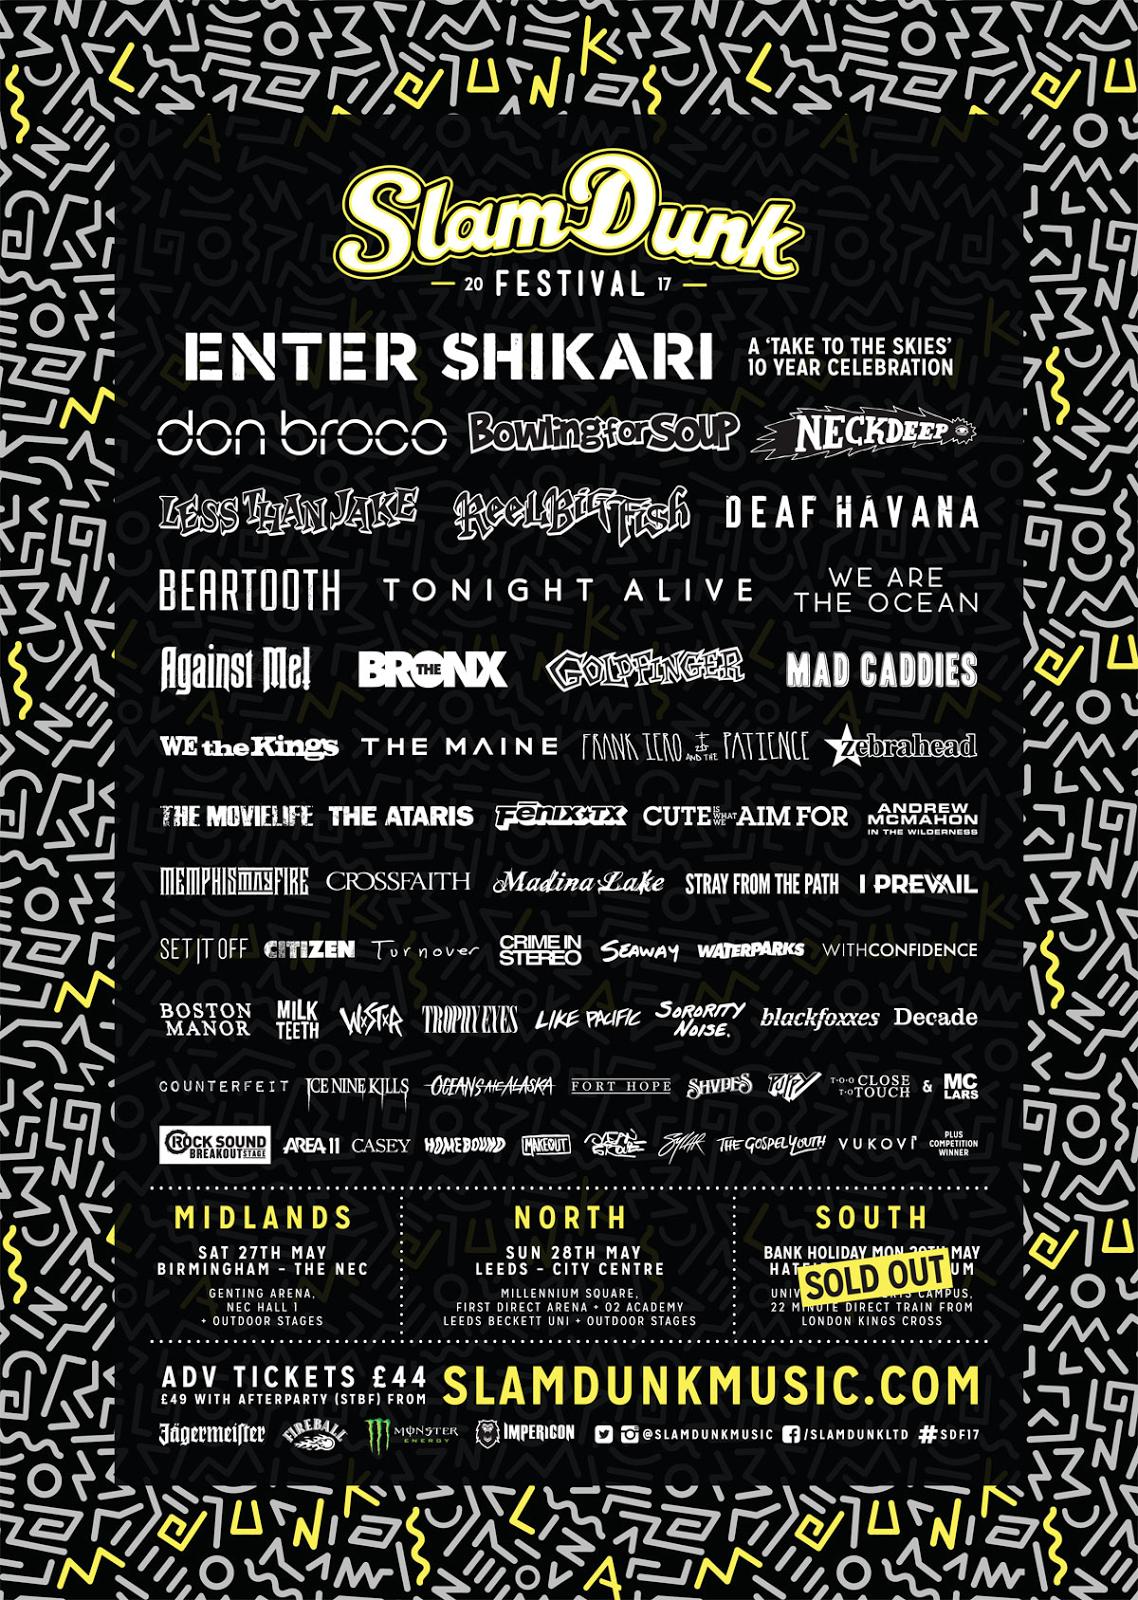 slam dunk festival 2017